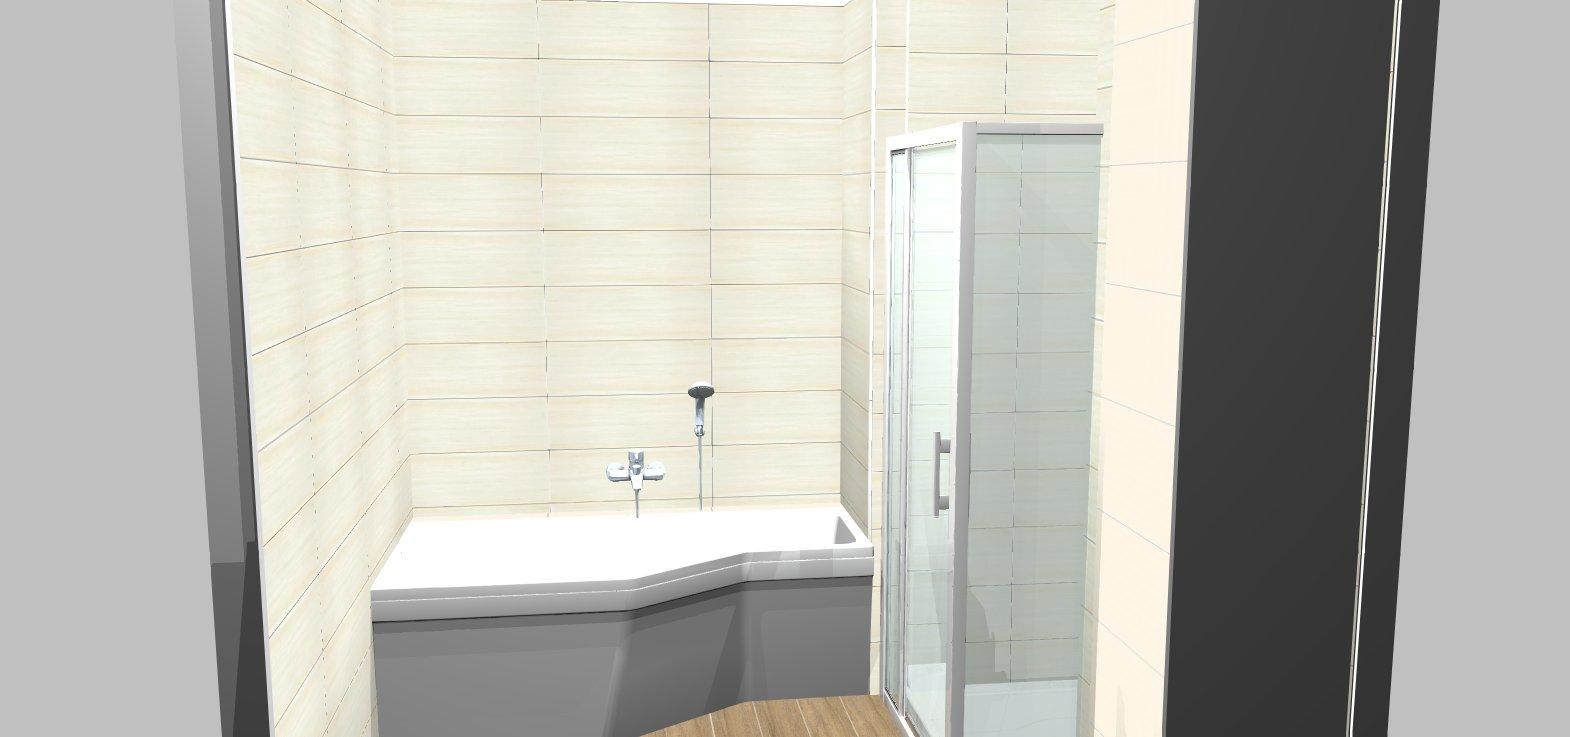 Mala panelakova koupelna - Obrázek č. 19